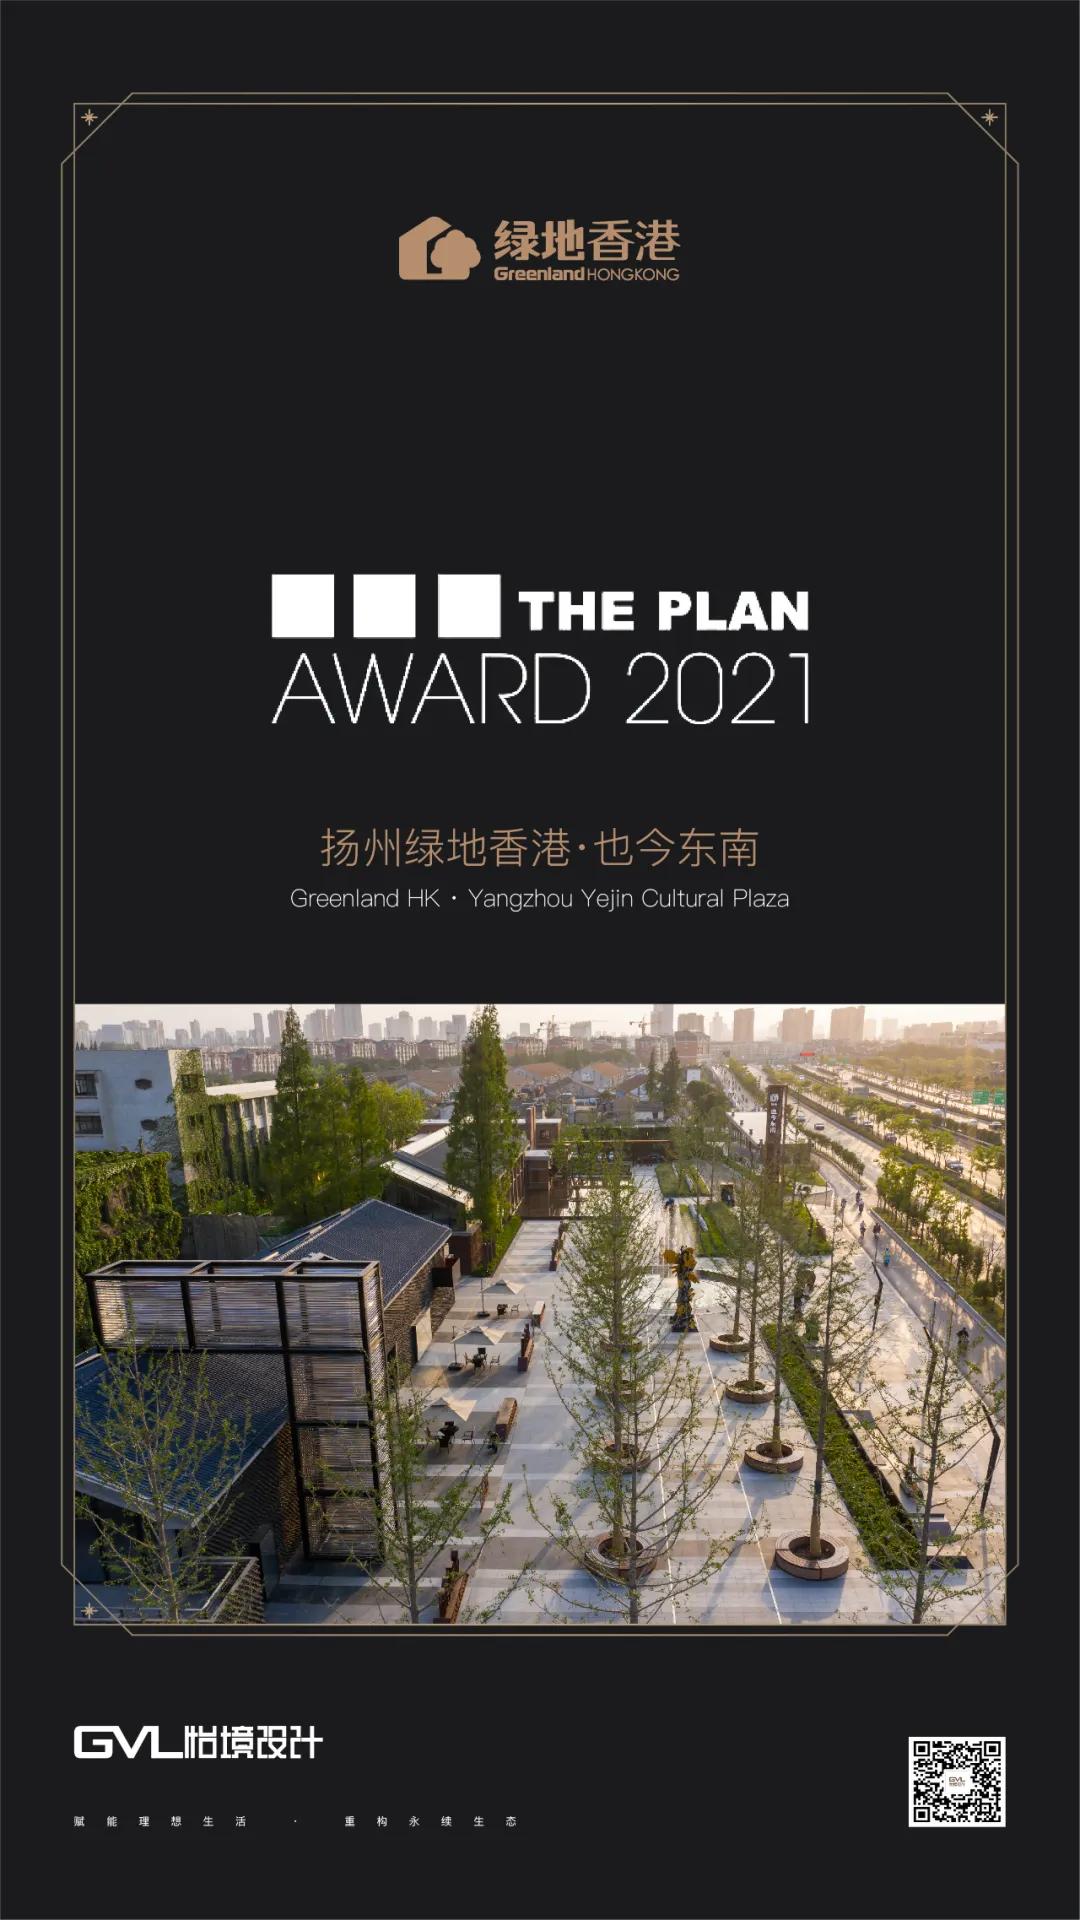 喜讯 | 怡境入围2021意大利THE PLAN AWARD国际设计大奖